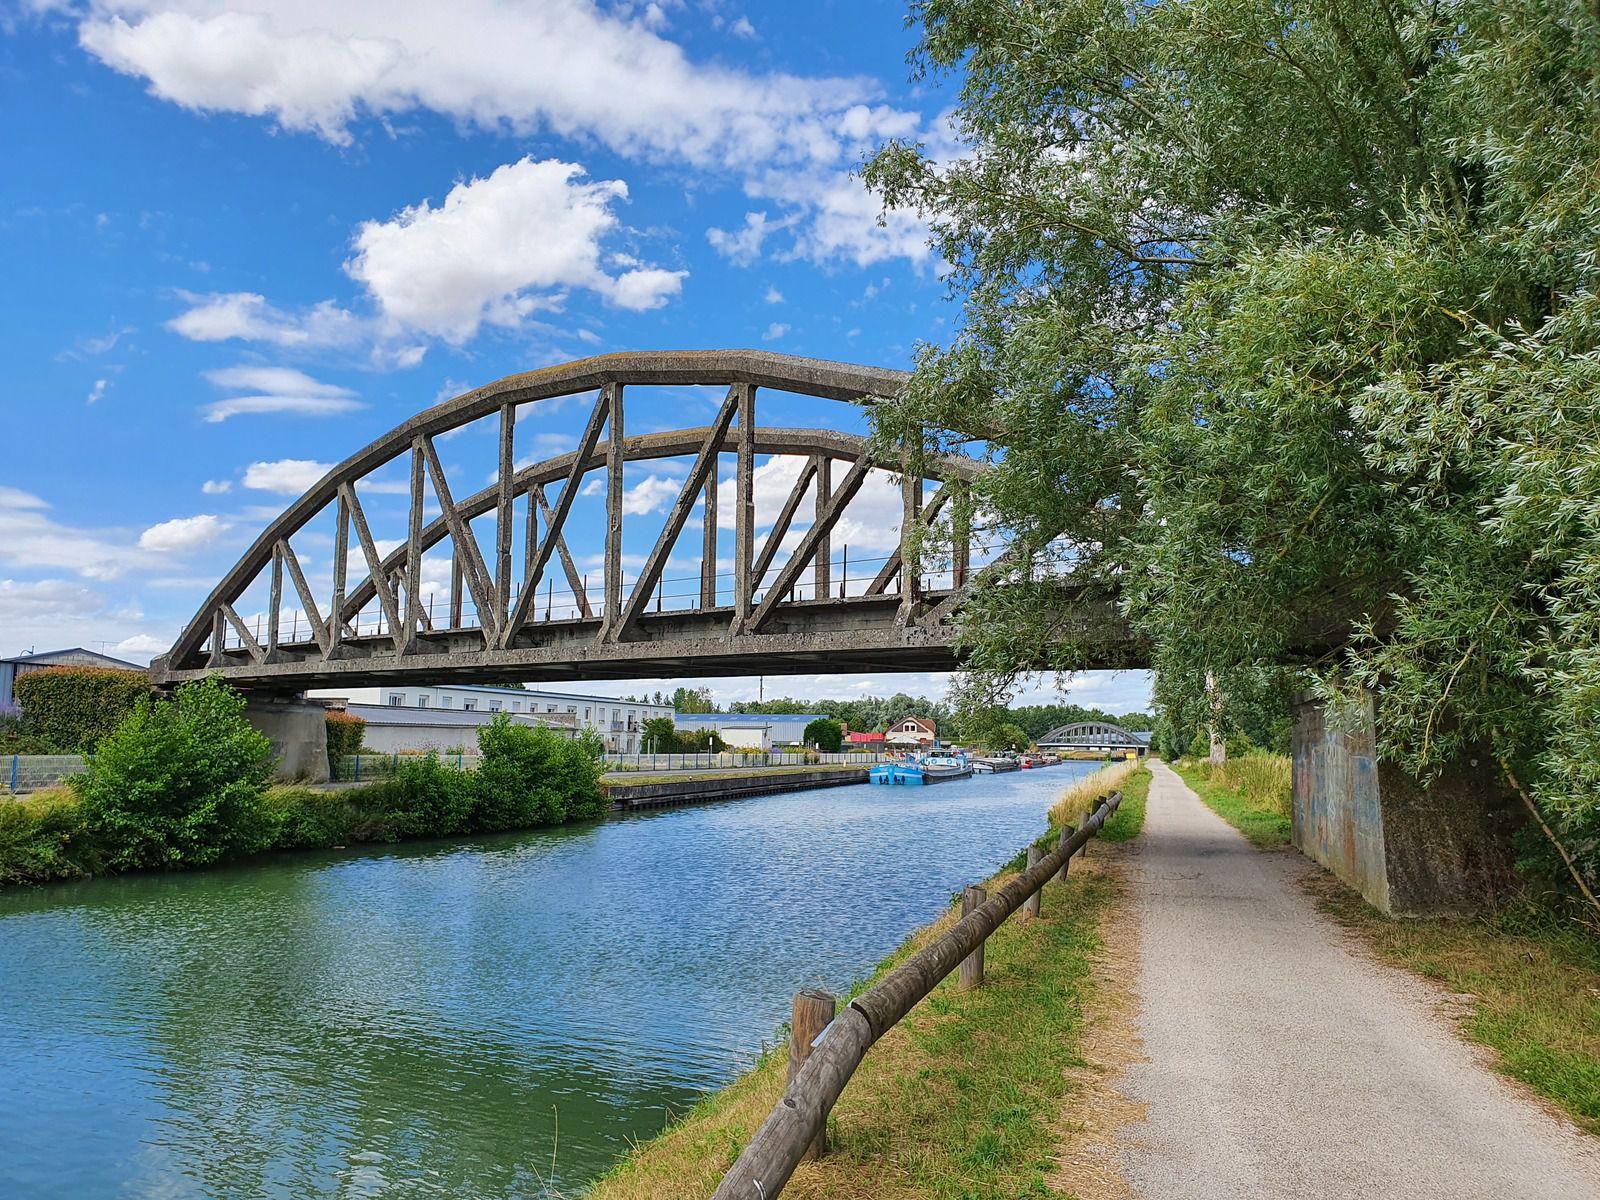 09 juillet 2020 - La Via Francigena entre Montescourt-Lizerolles et la Fère